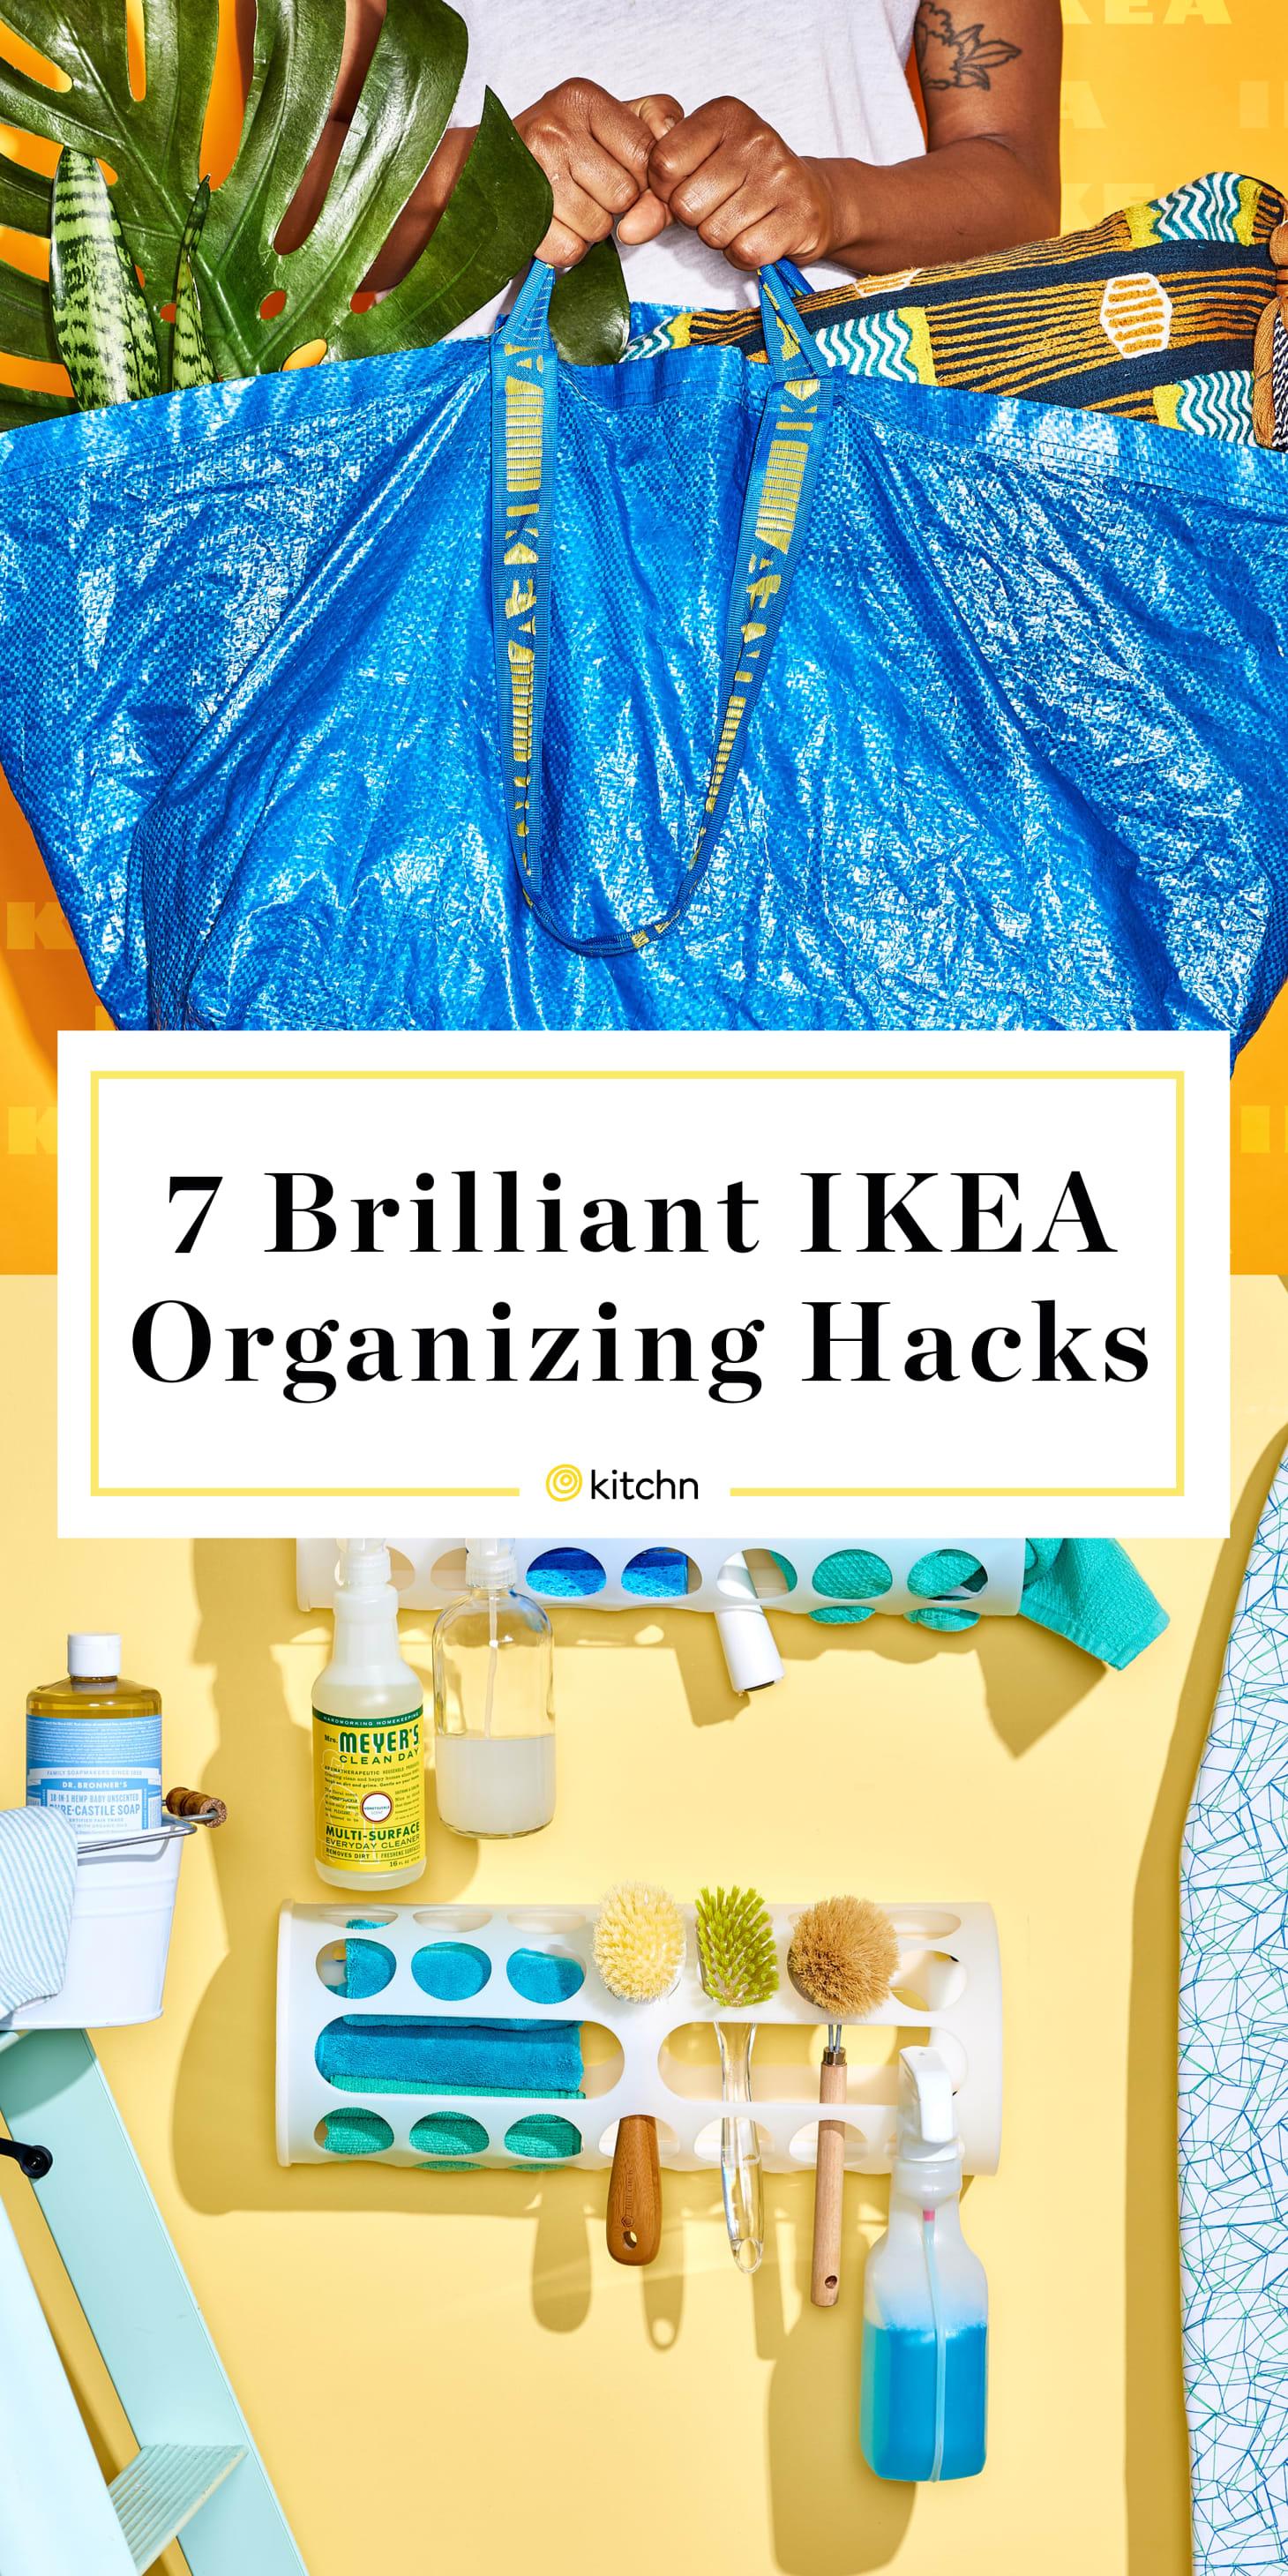 IKEA Organizing Hacks | Kitchn